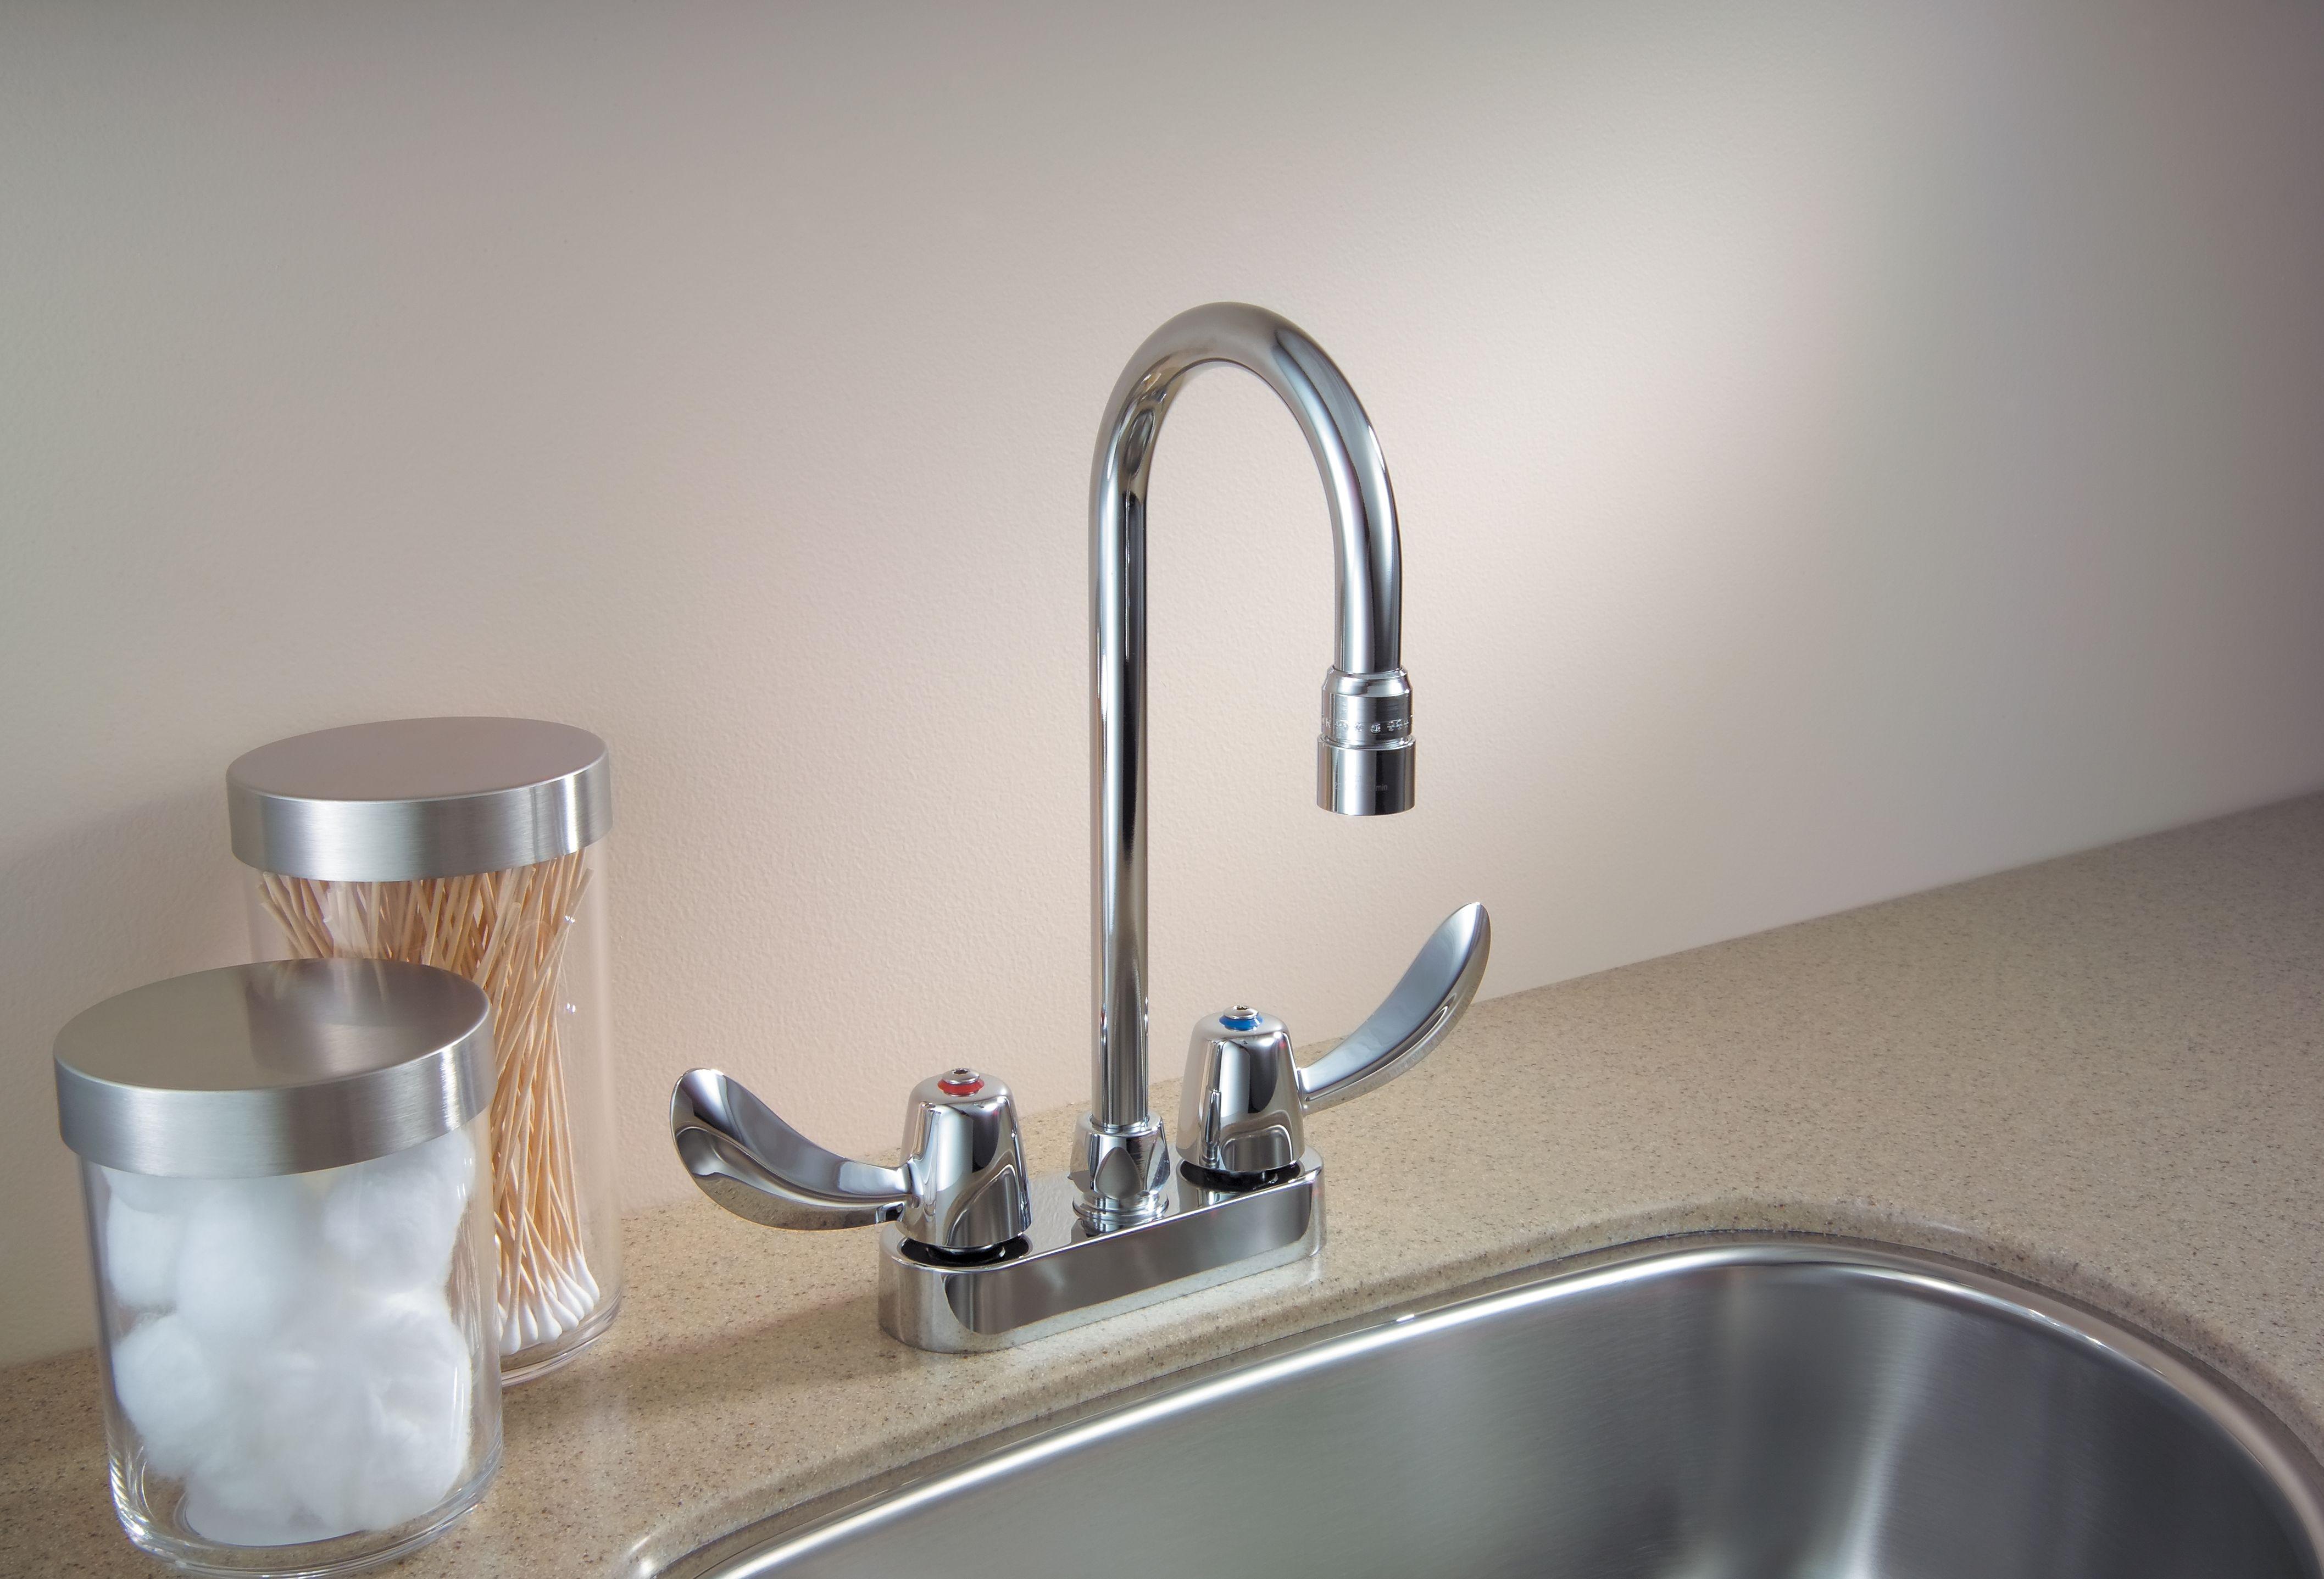 bar ss faucet handle single peerless com